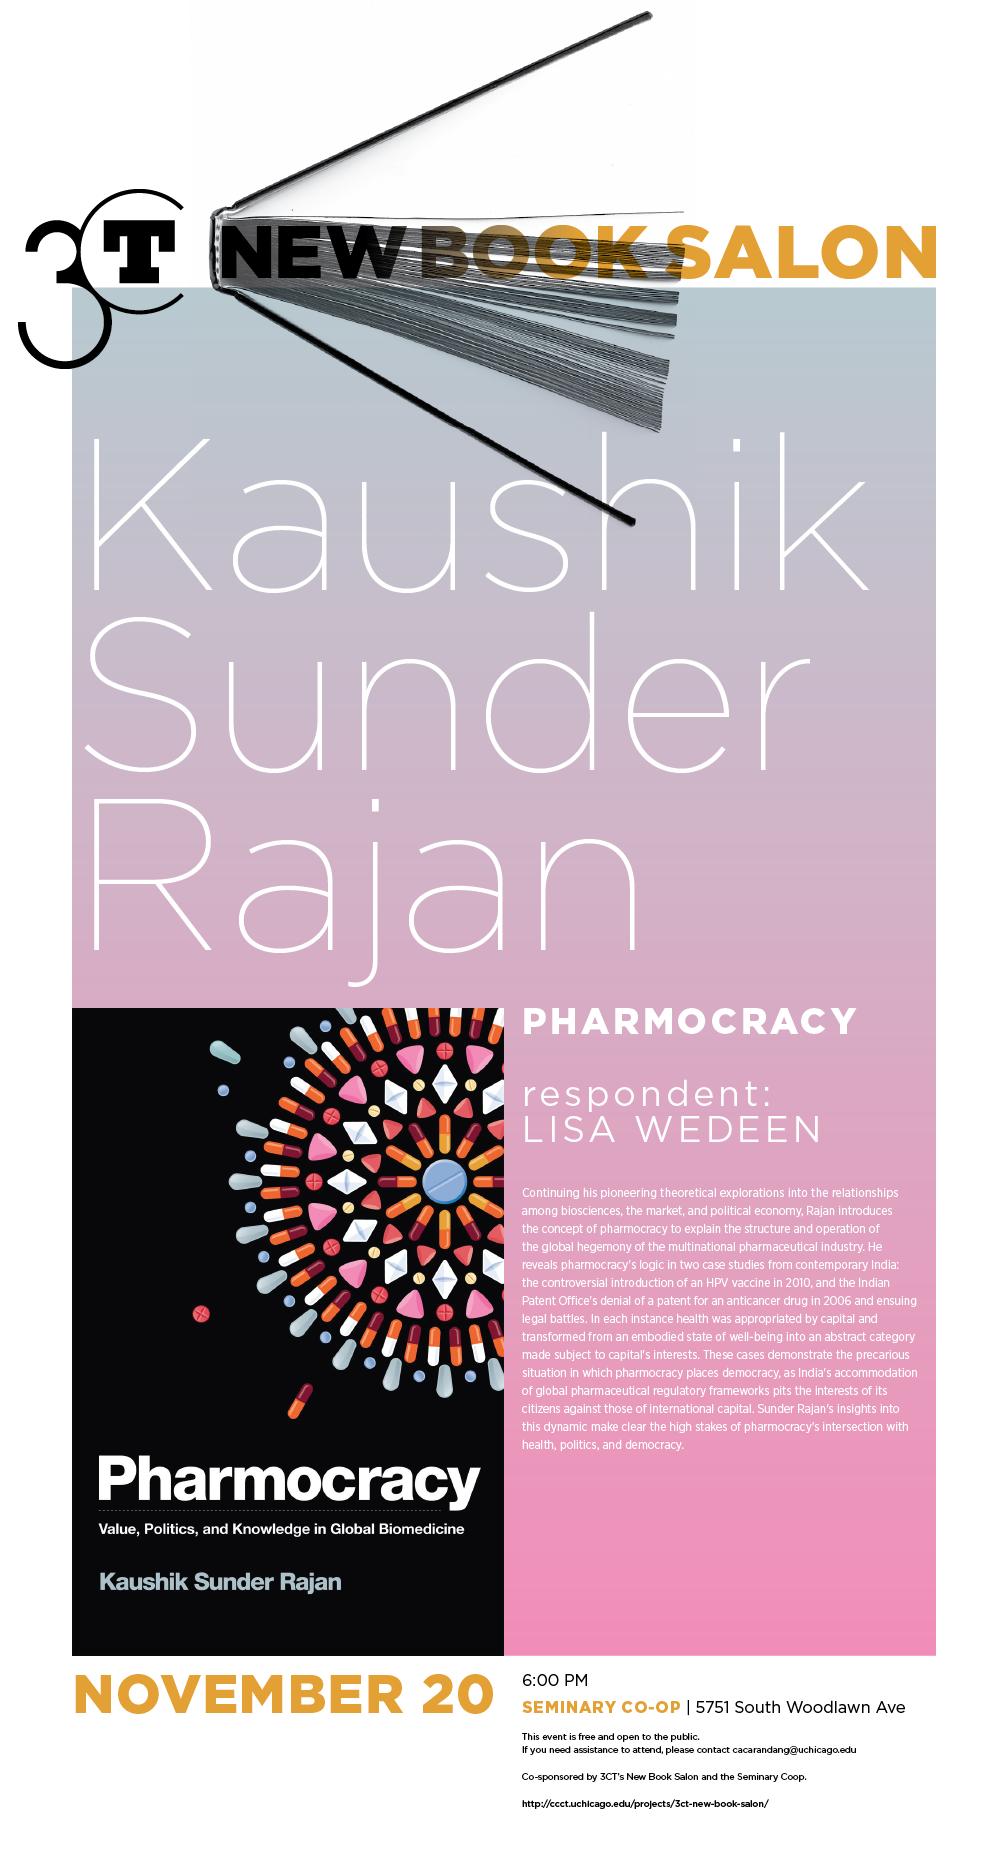 event poster for Kaushik Sunder Rajan's new book Pharmocracy